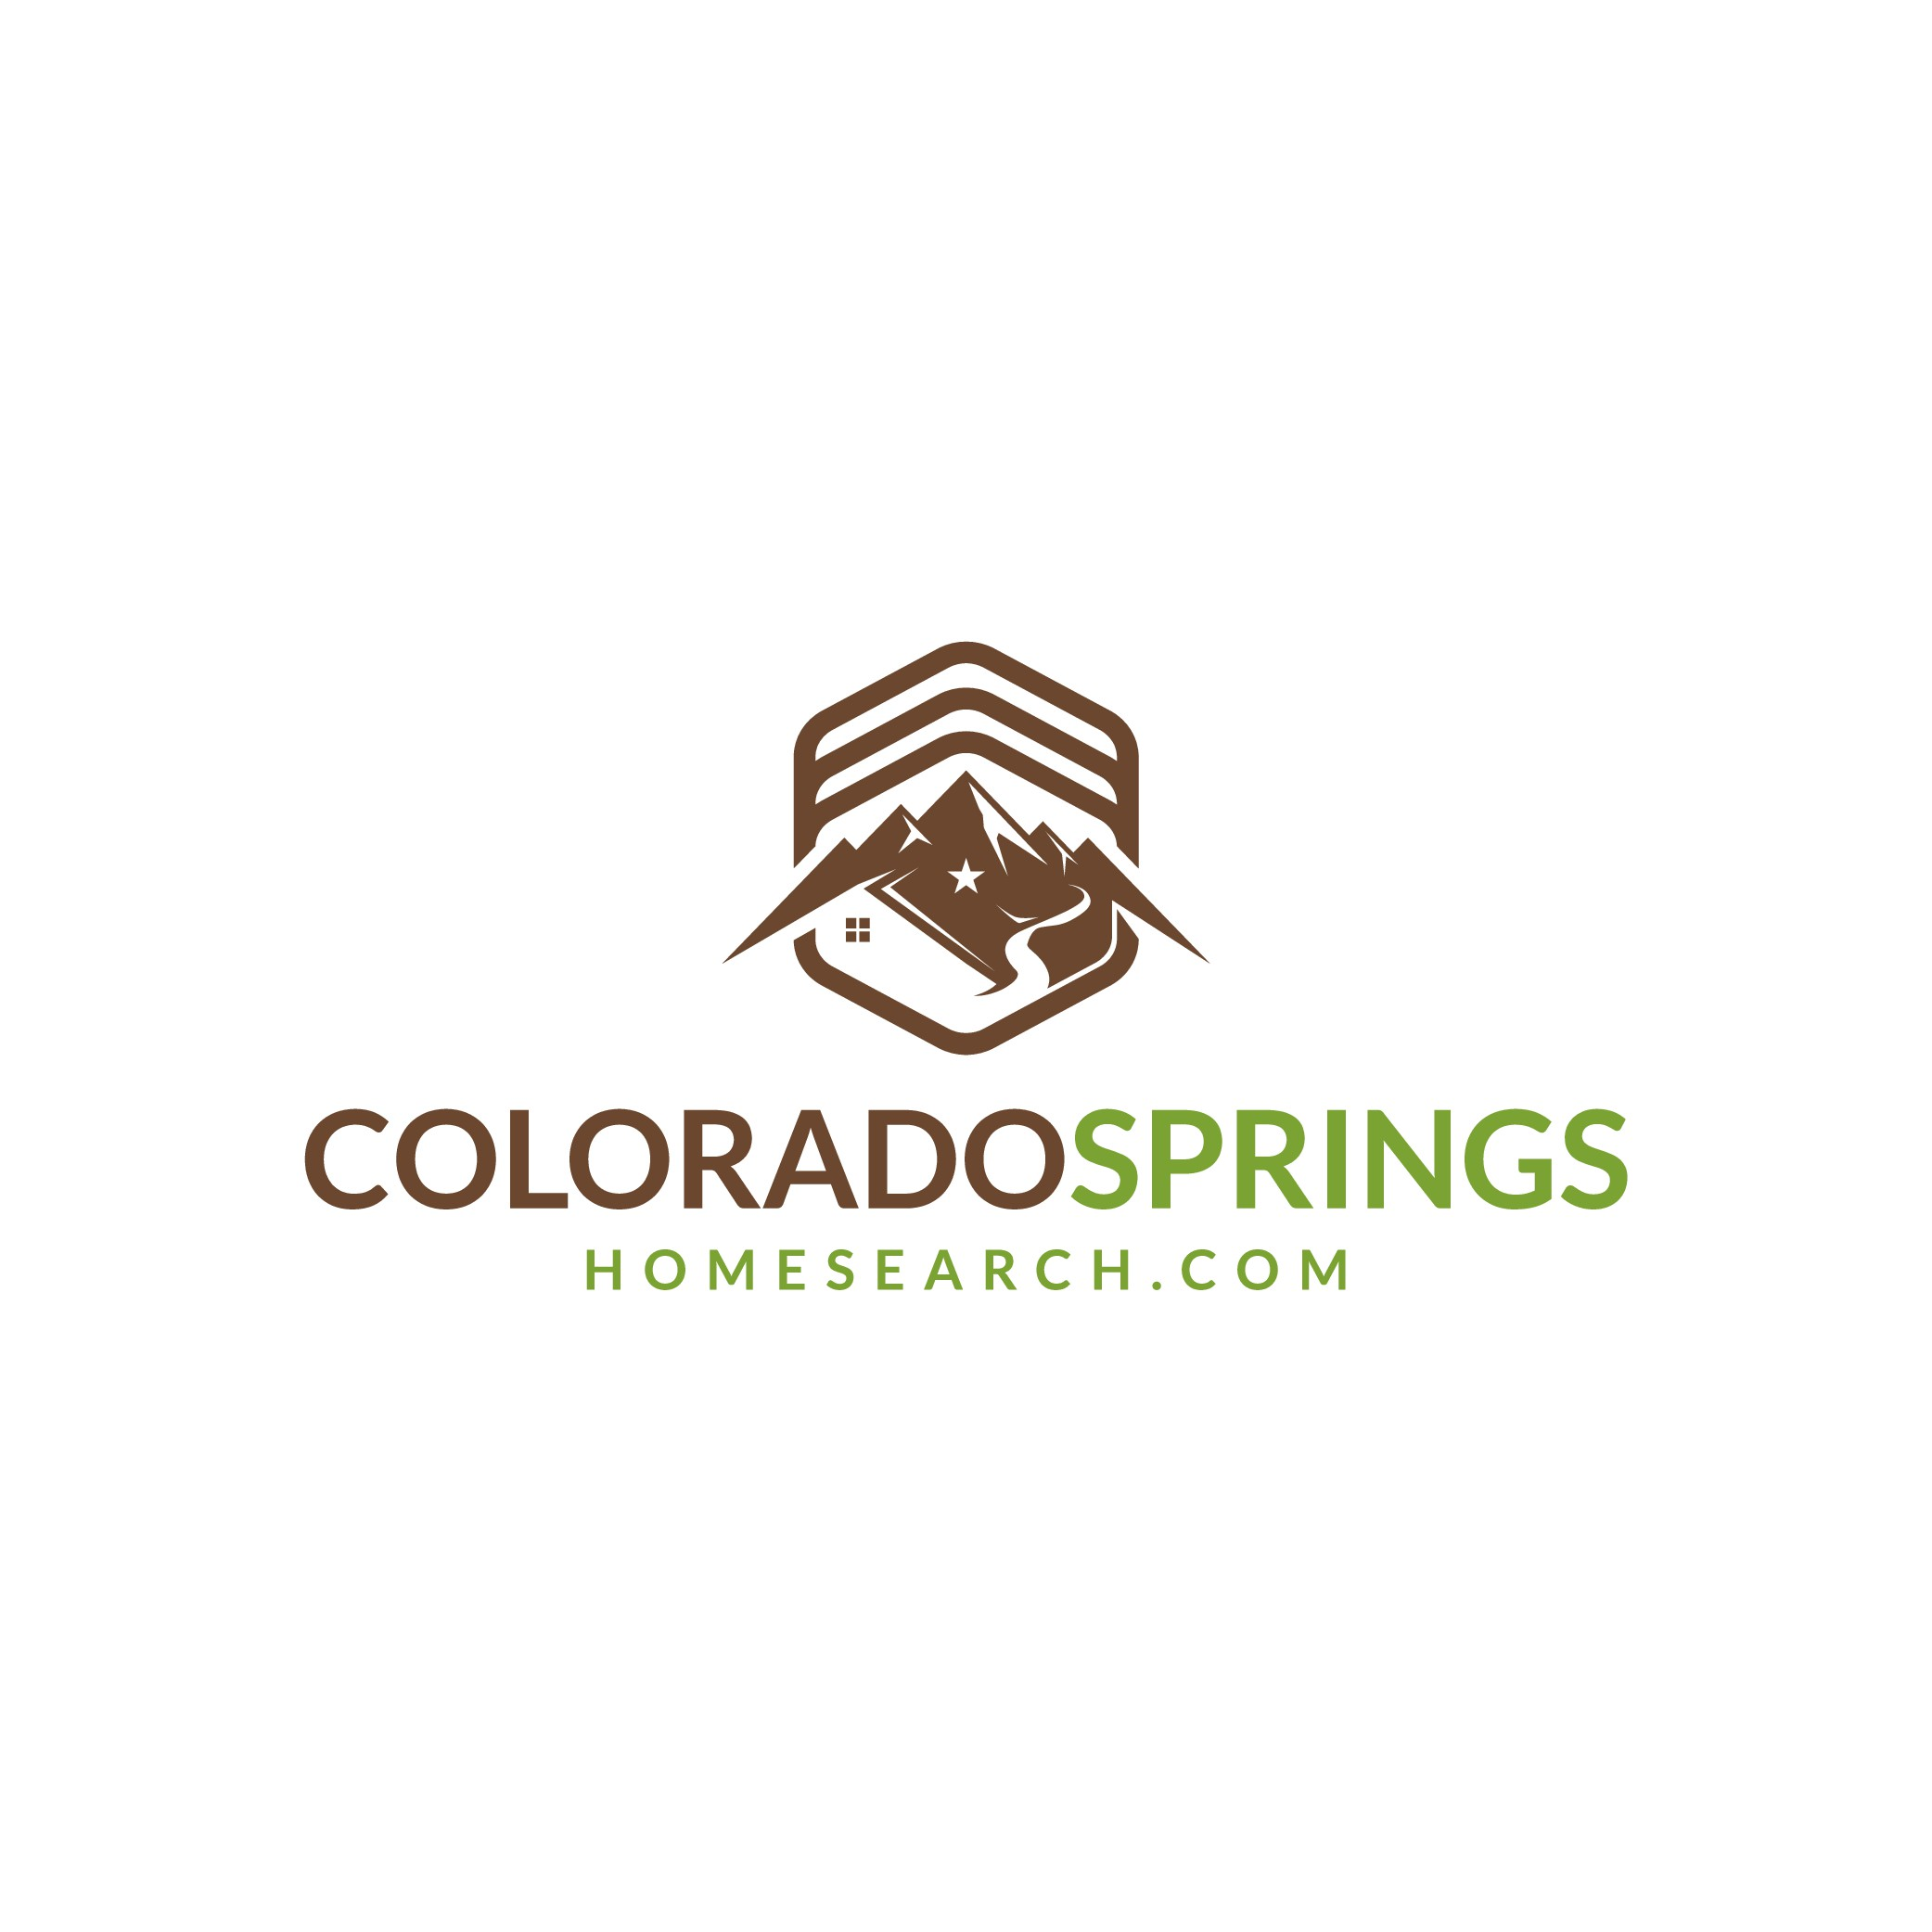 ColoradoSpringsHomeSearch.com